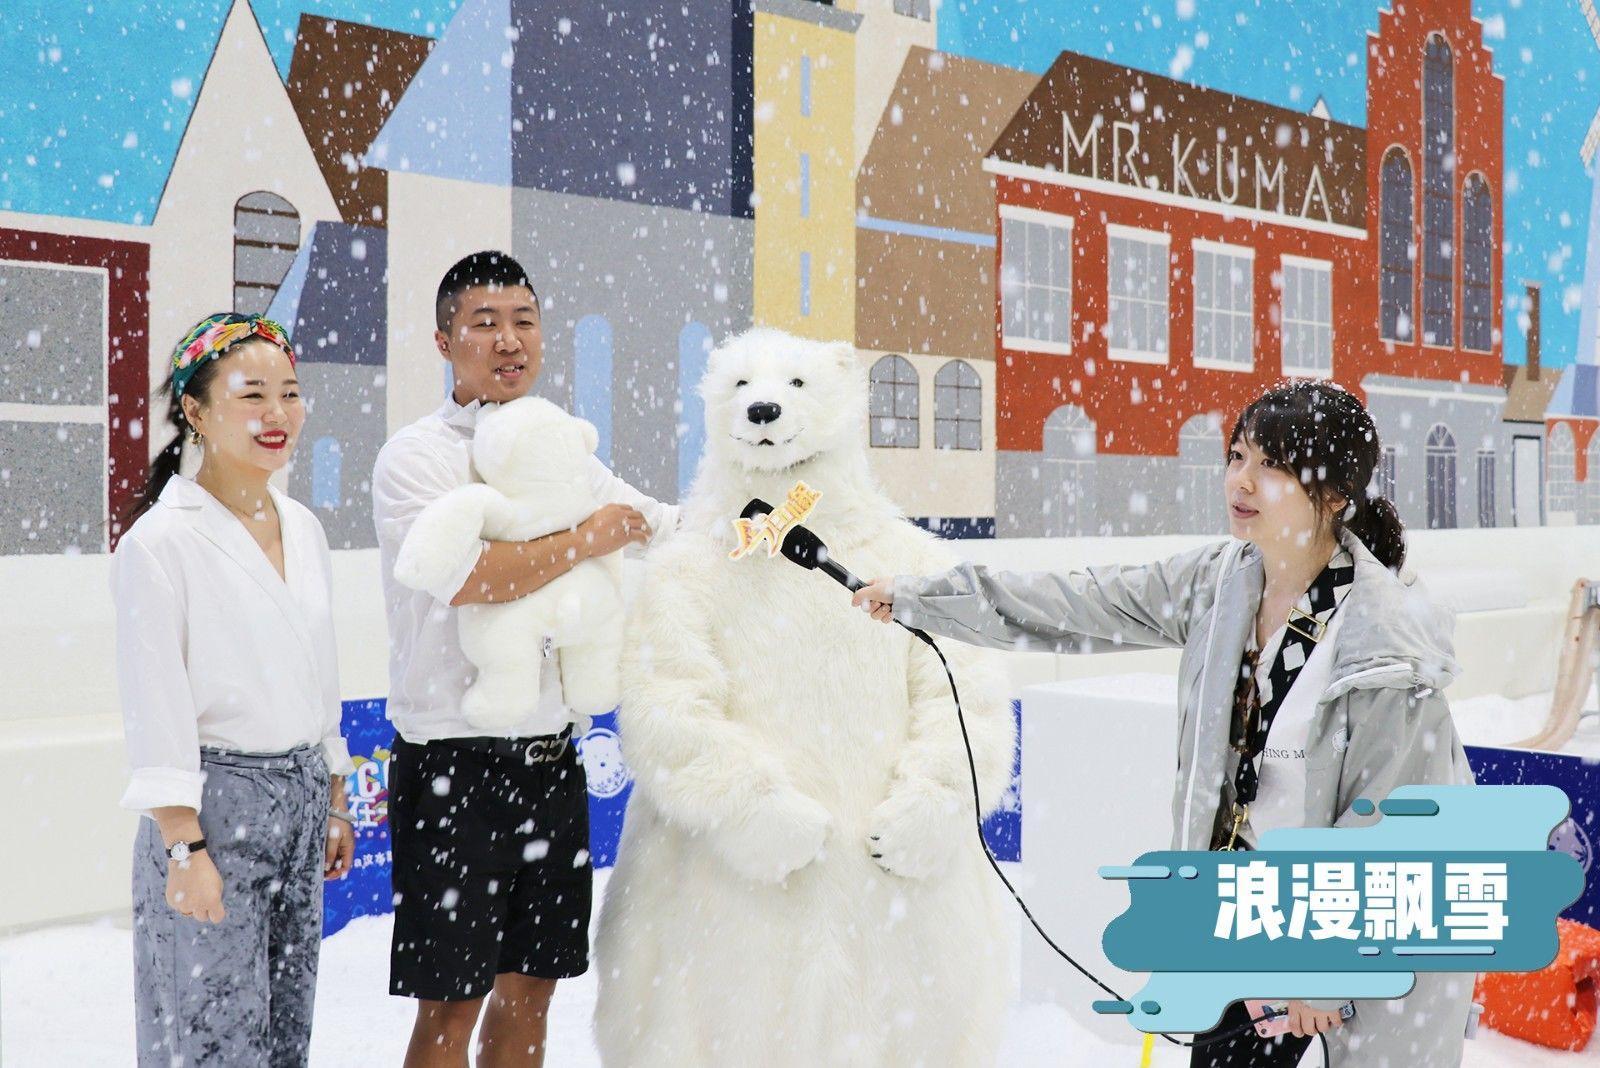 7.浪漫飘雪.jpg